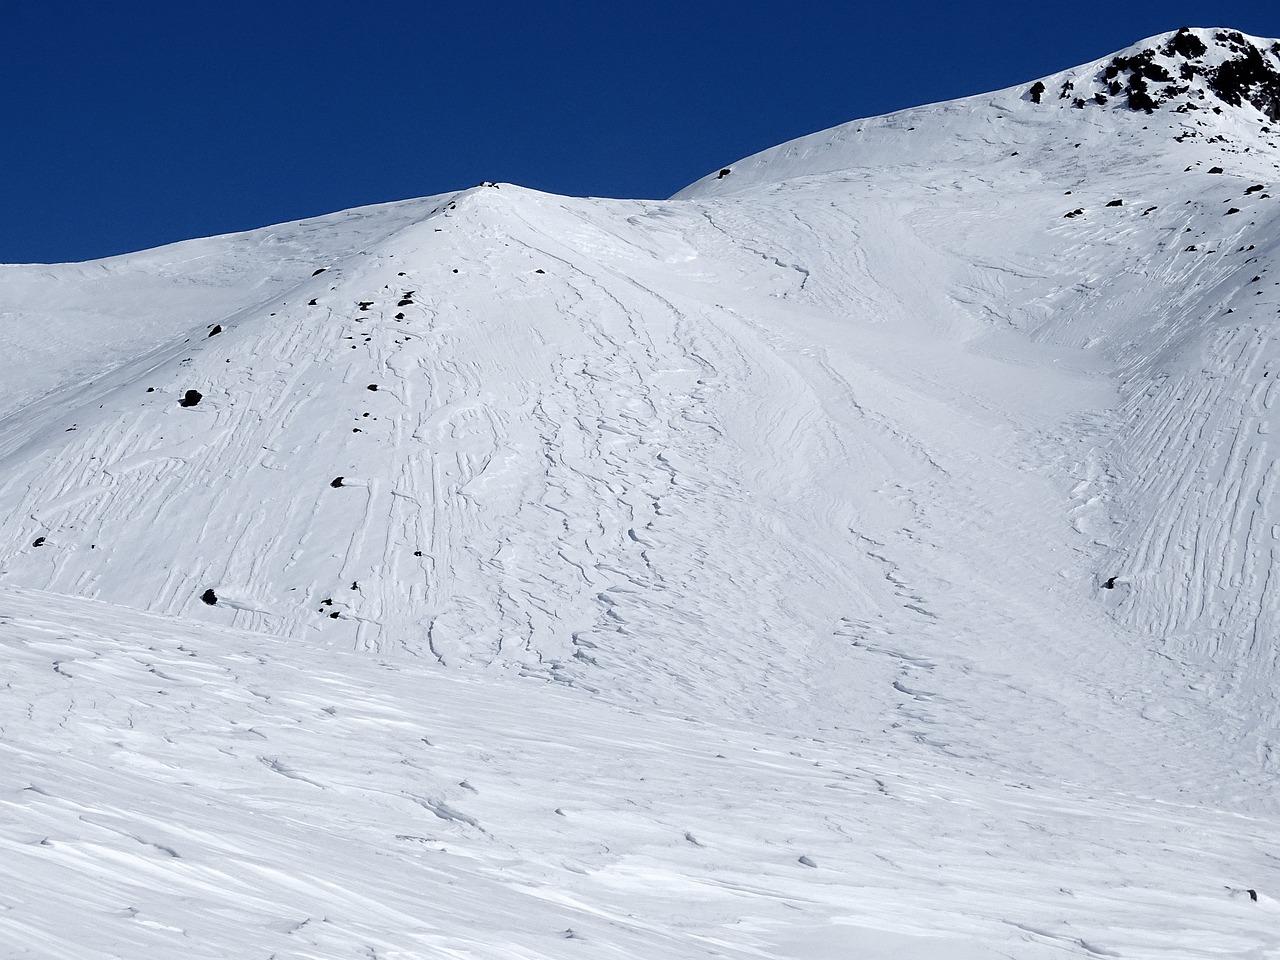 Картинки горные склоны